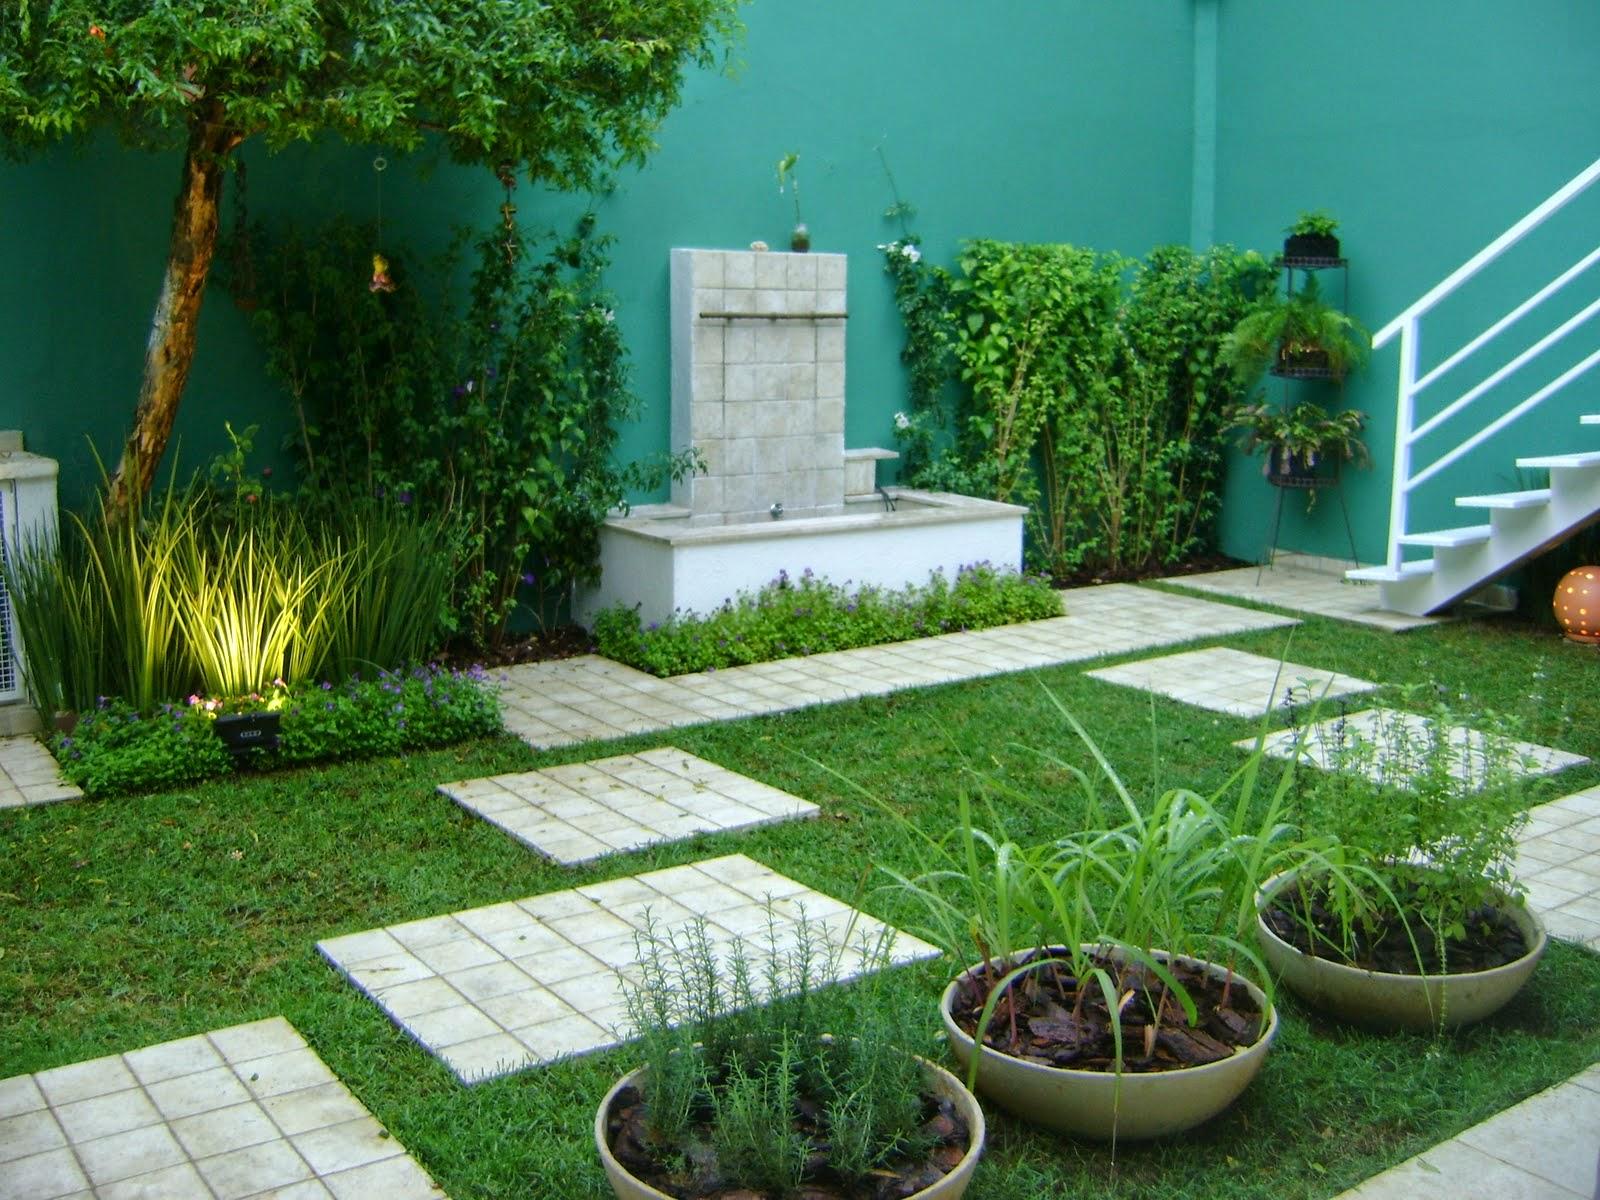 fotos jardins pequenos residenciais:Jardins Residenciais – Fotos e modelos – Toda Atual